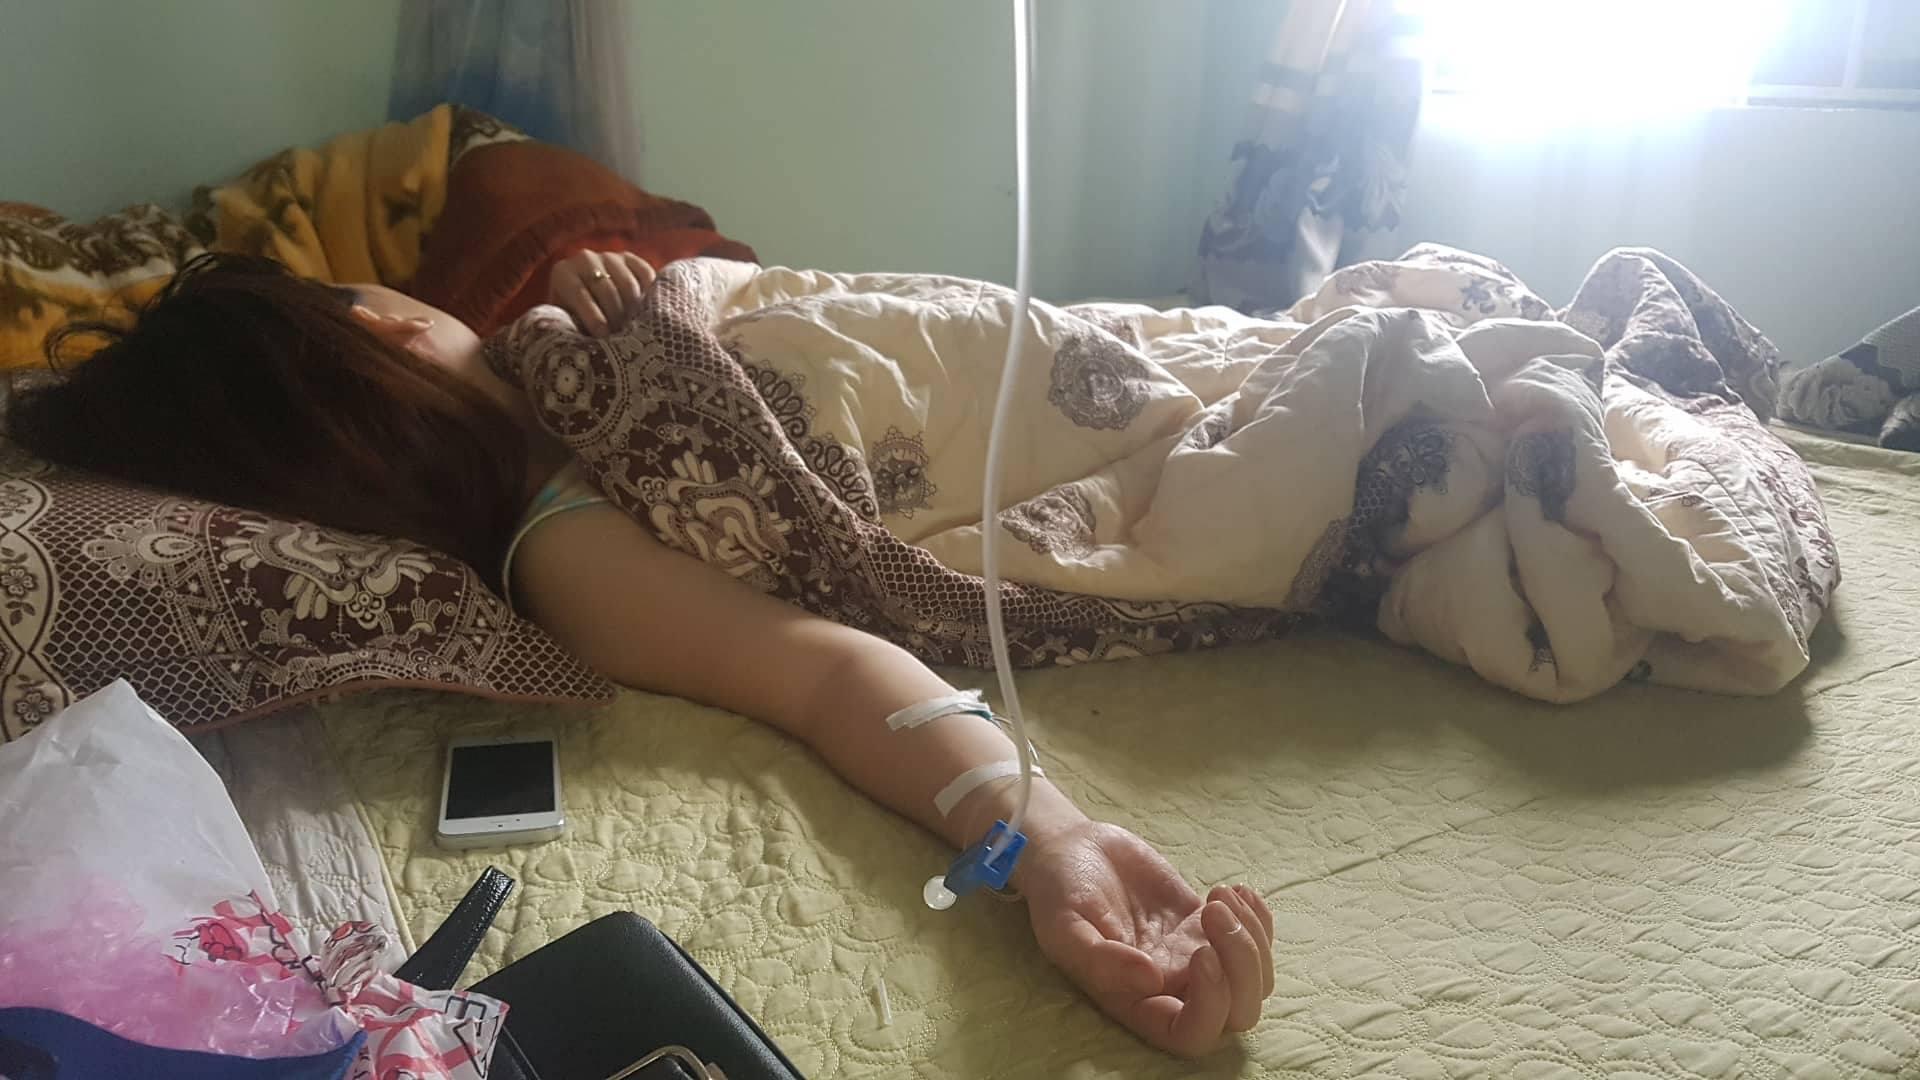 Sàm sỡ nữ sinh, cắn rách môi đồng nghiệp: Những án phạt kỳ quặc